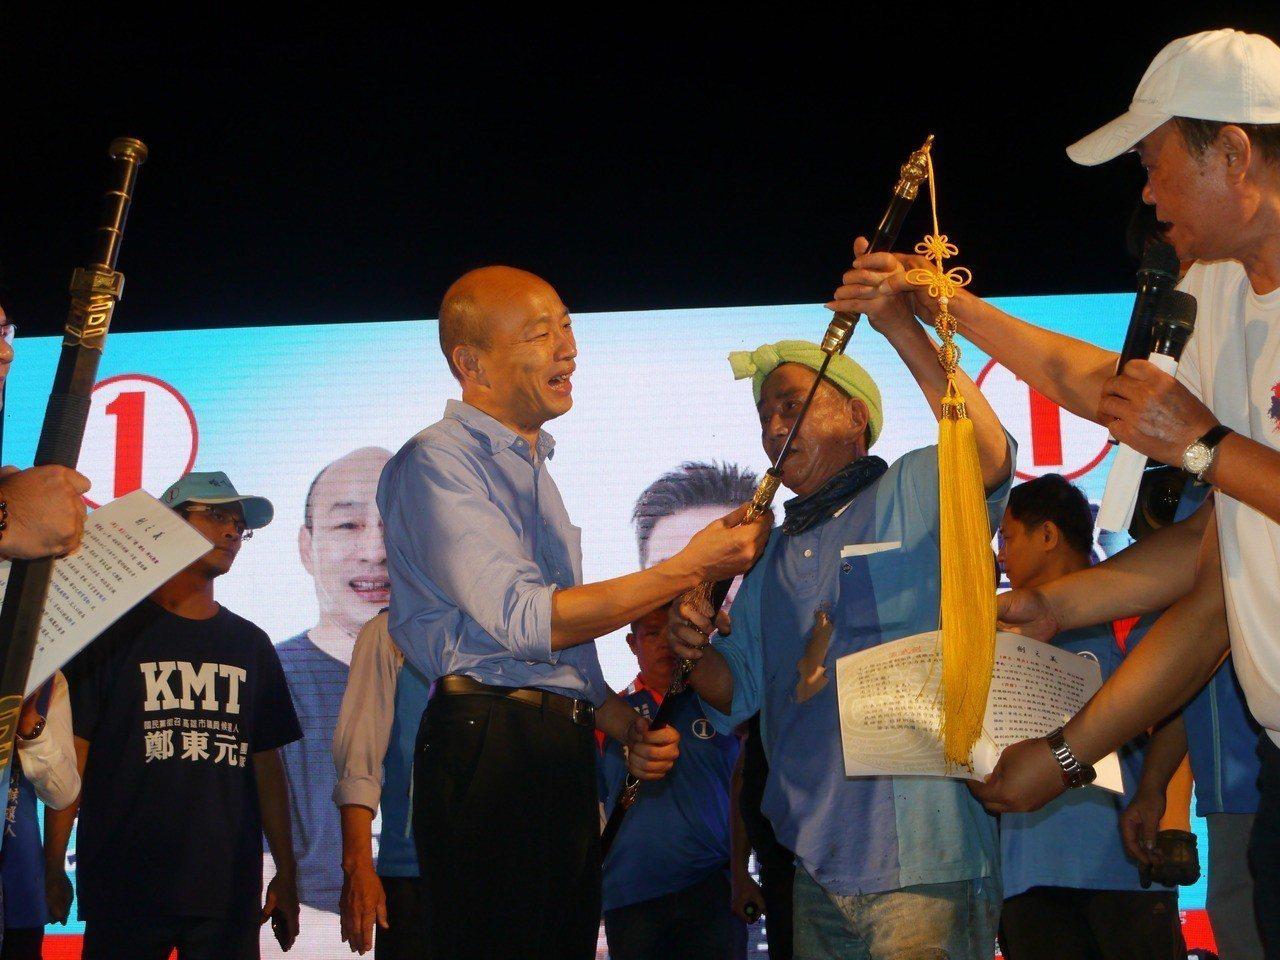 鑄劍大師郭常喜(右三)贈送一把親手打造的玄天劍給韓國瑜。記者徐白櫻/攝影